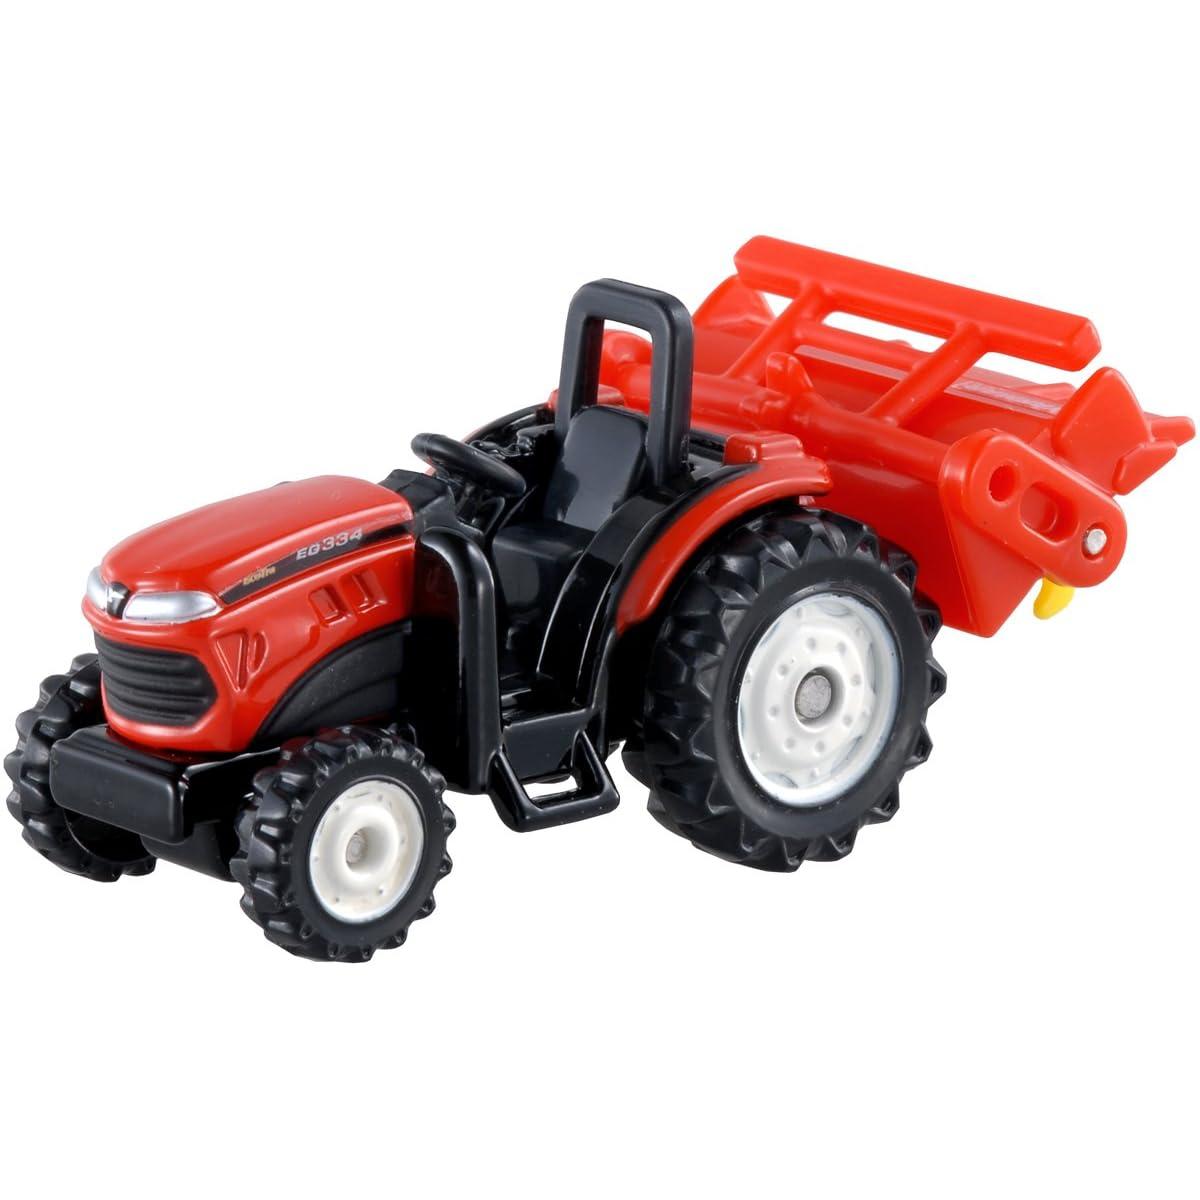 Yanmar 336d Parts : Yanmar tractor deals on blocks